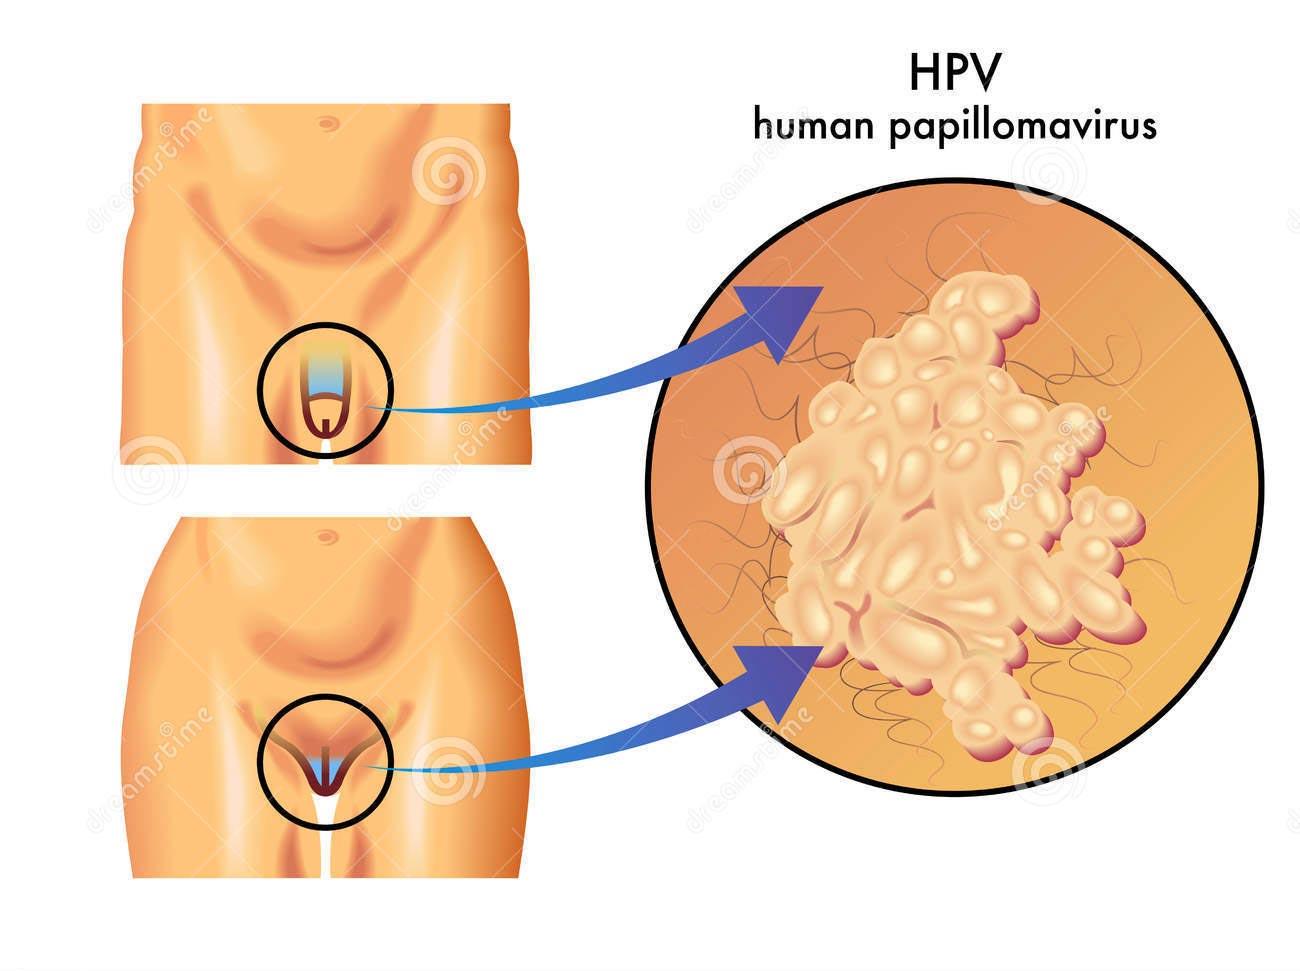 taur familie hpv virus at 35